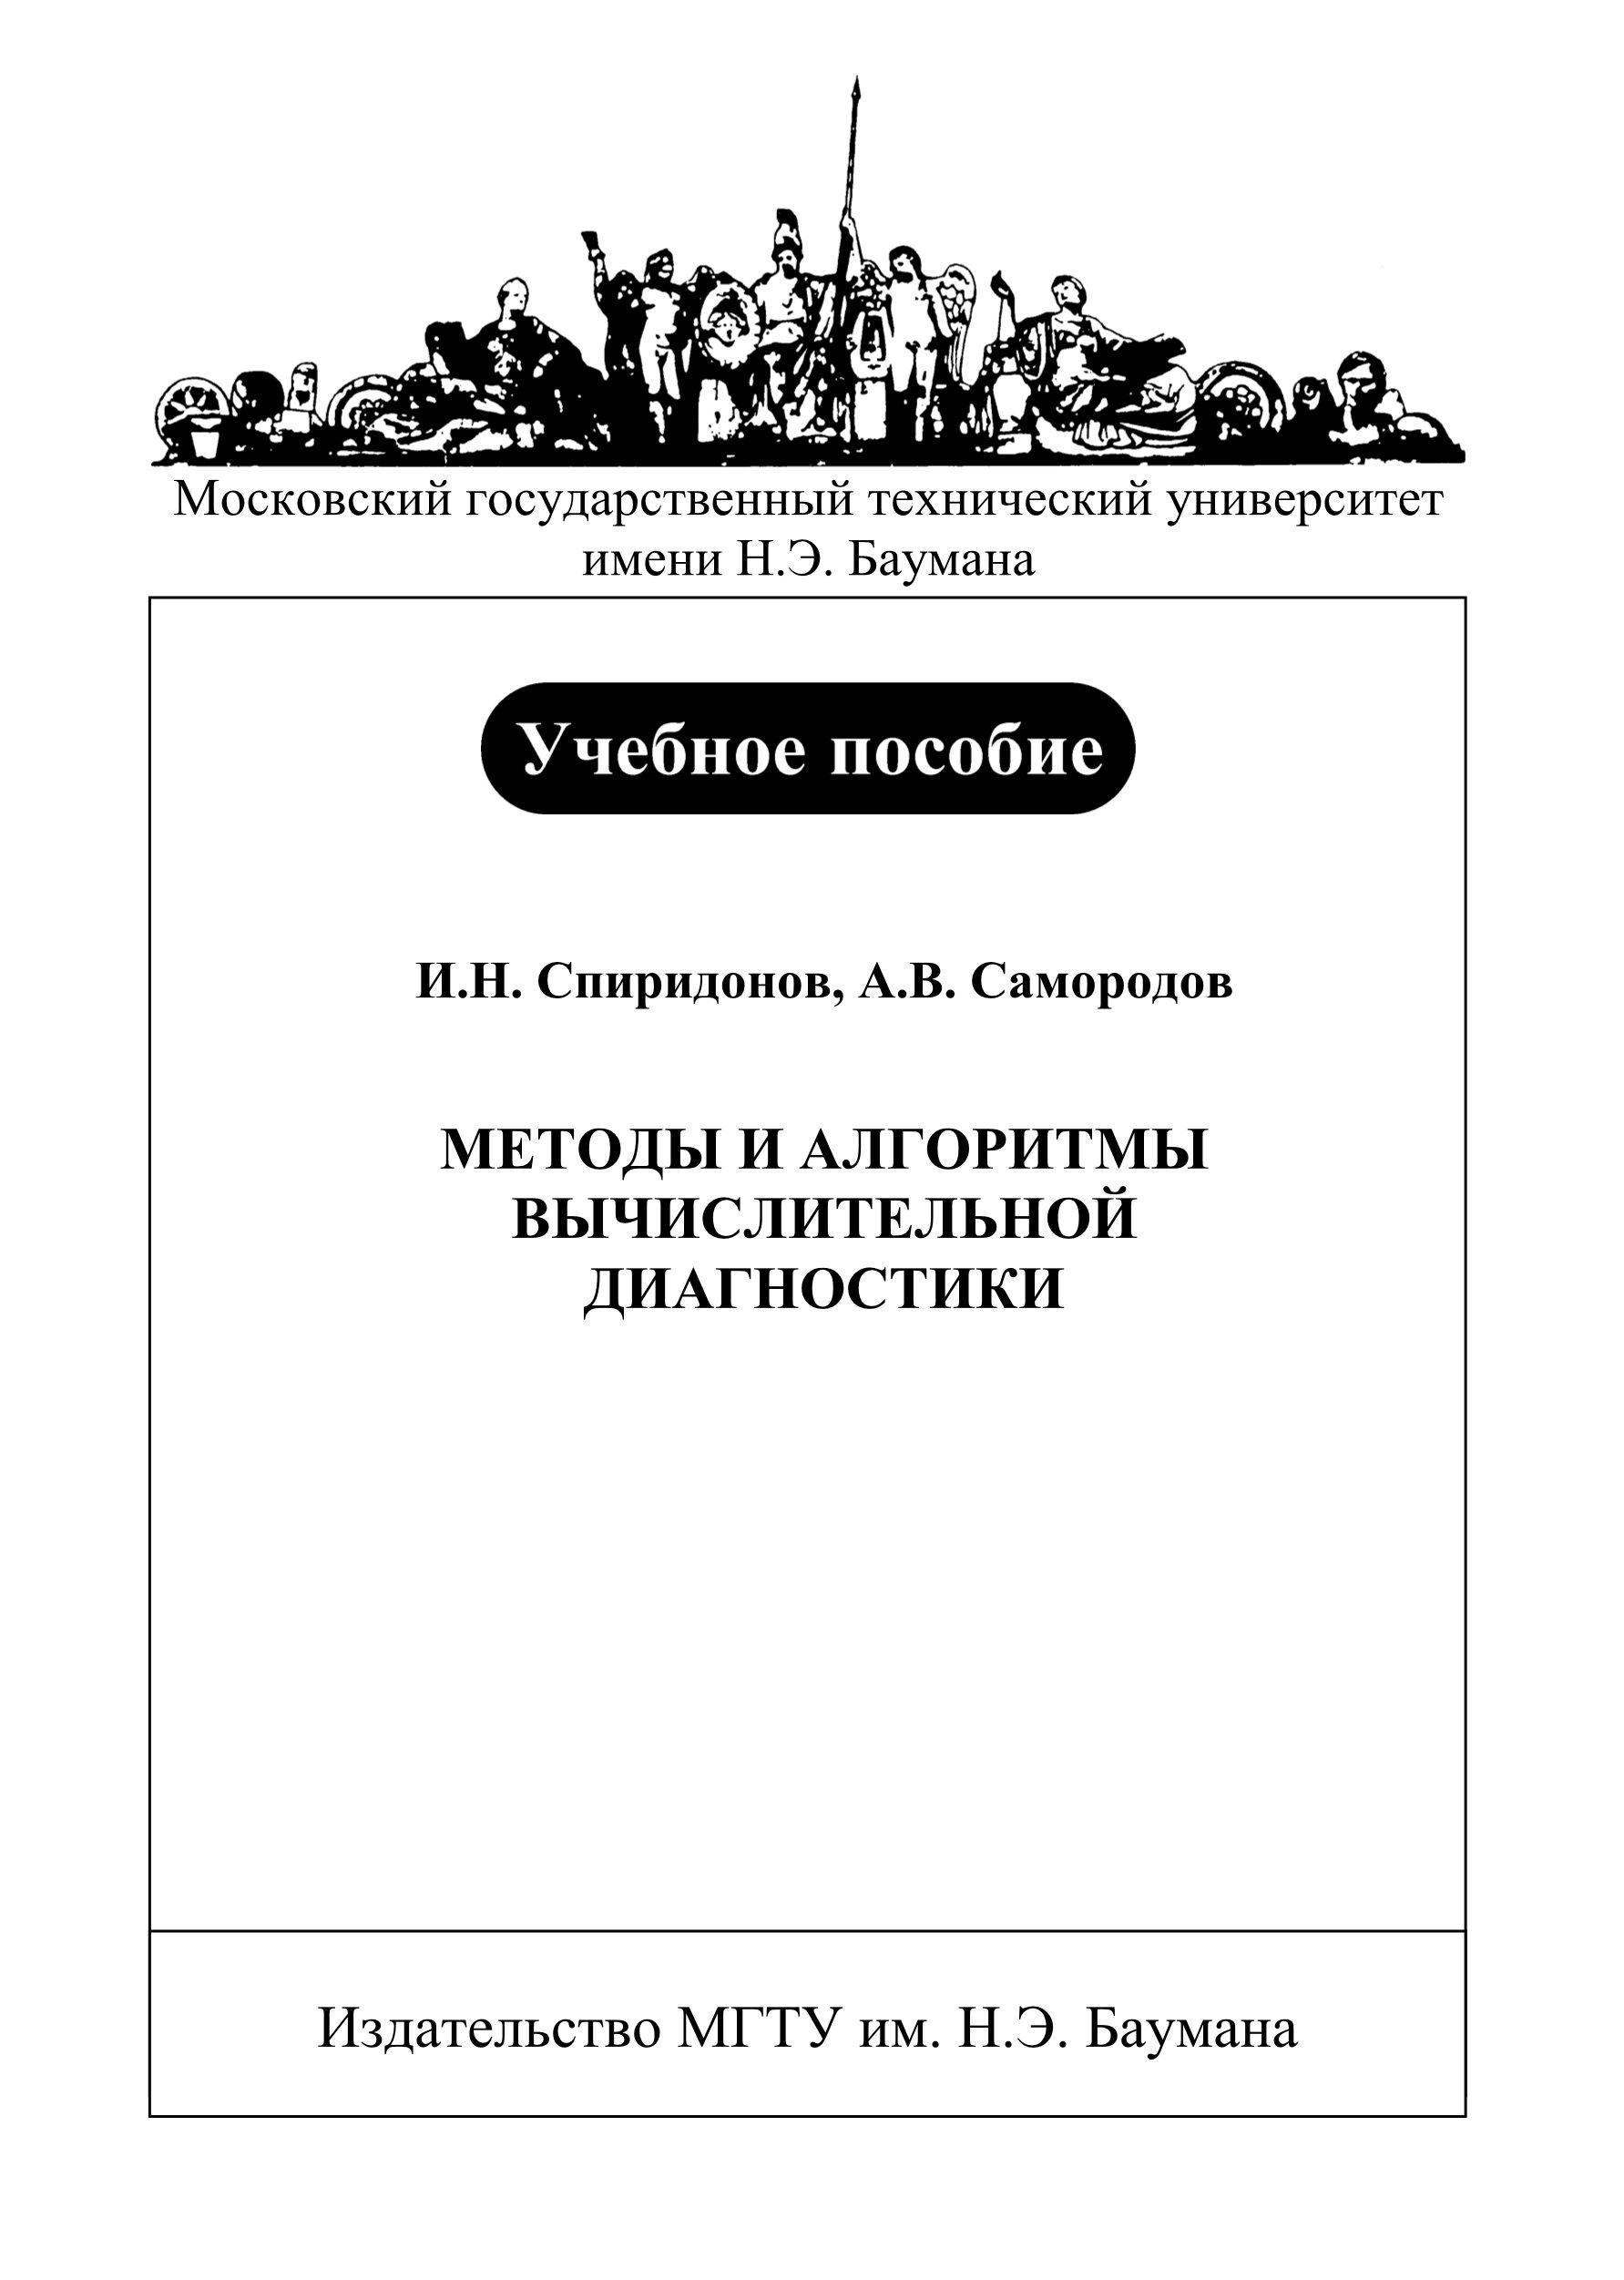 Андрей Самородов Методы и алгоритмы вычислительной диагностики андрей самородов методы и алгоритмы вычислительной диагностики